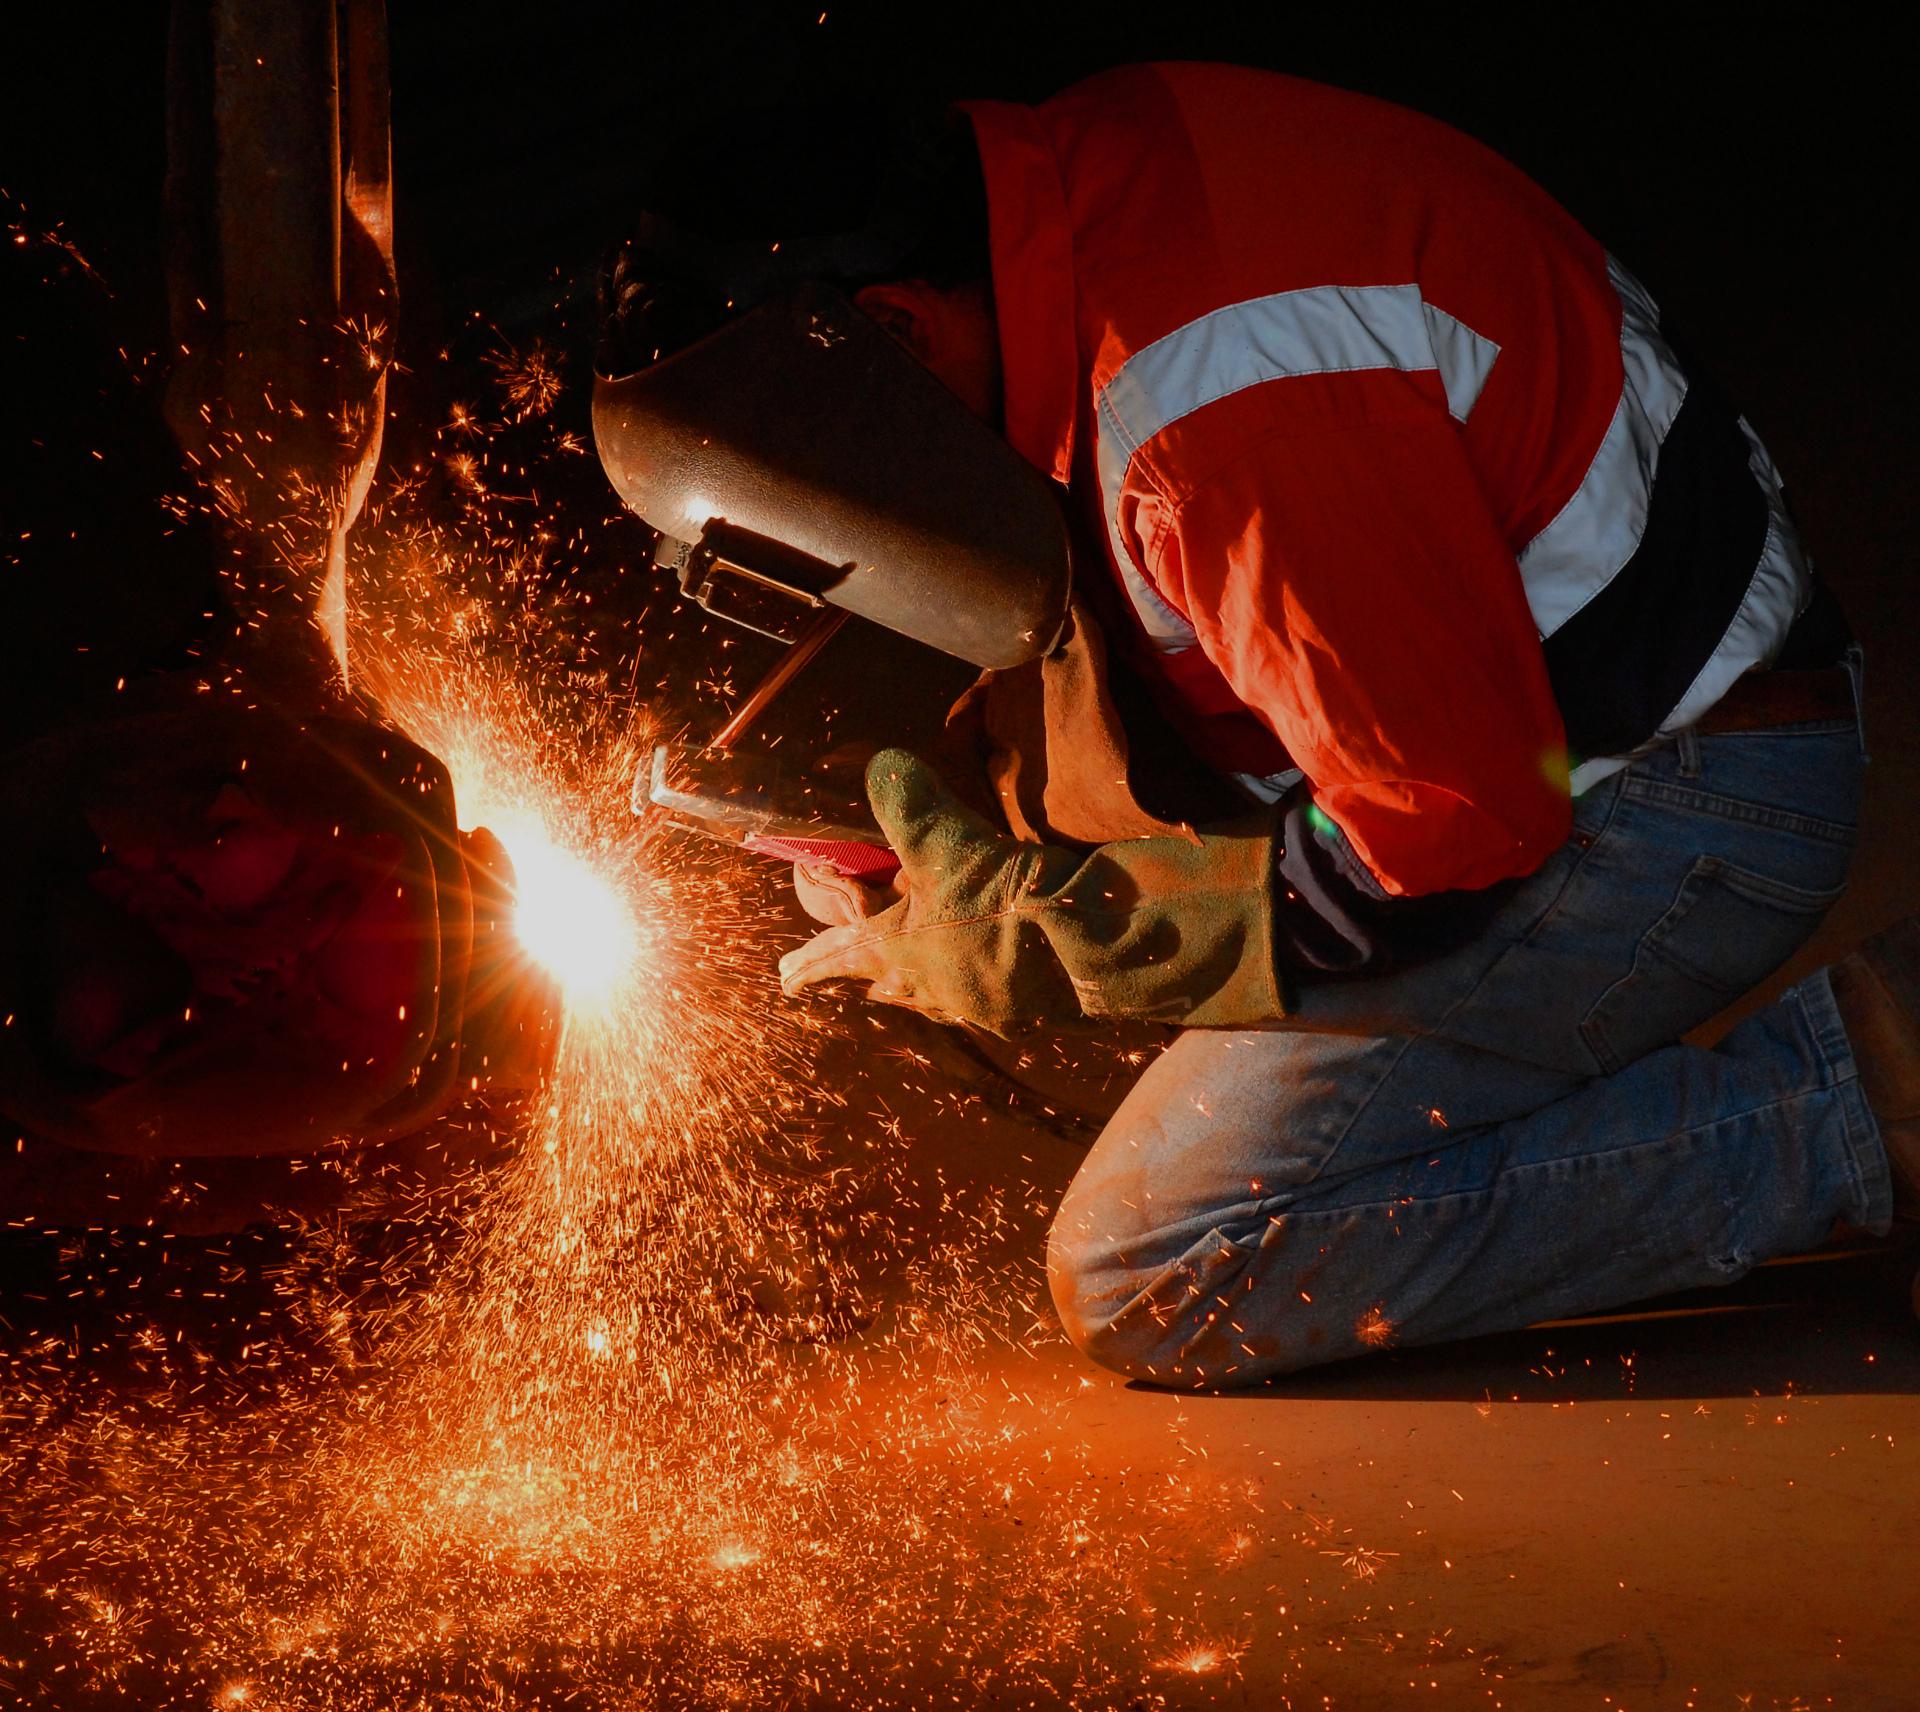 Welder - Welding Work